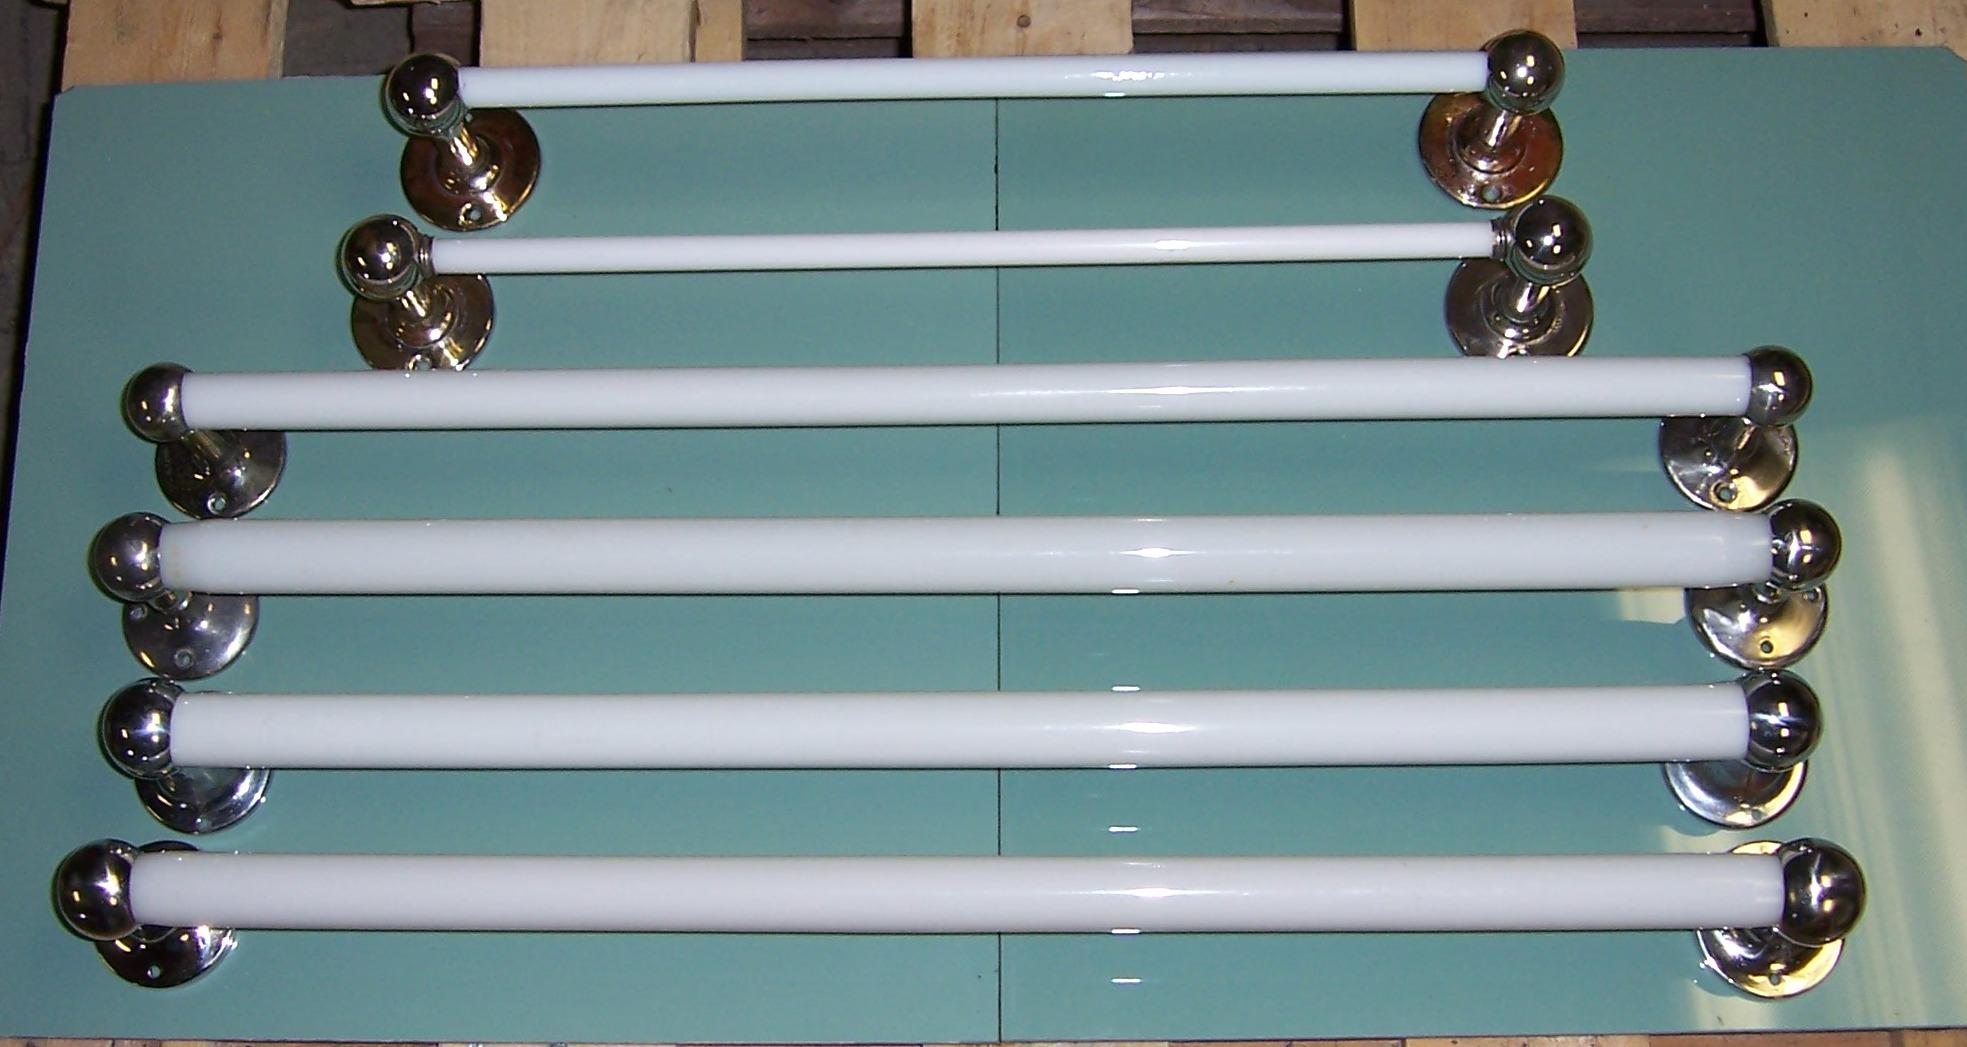 Towel Bars | VintageBathroom